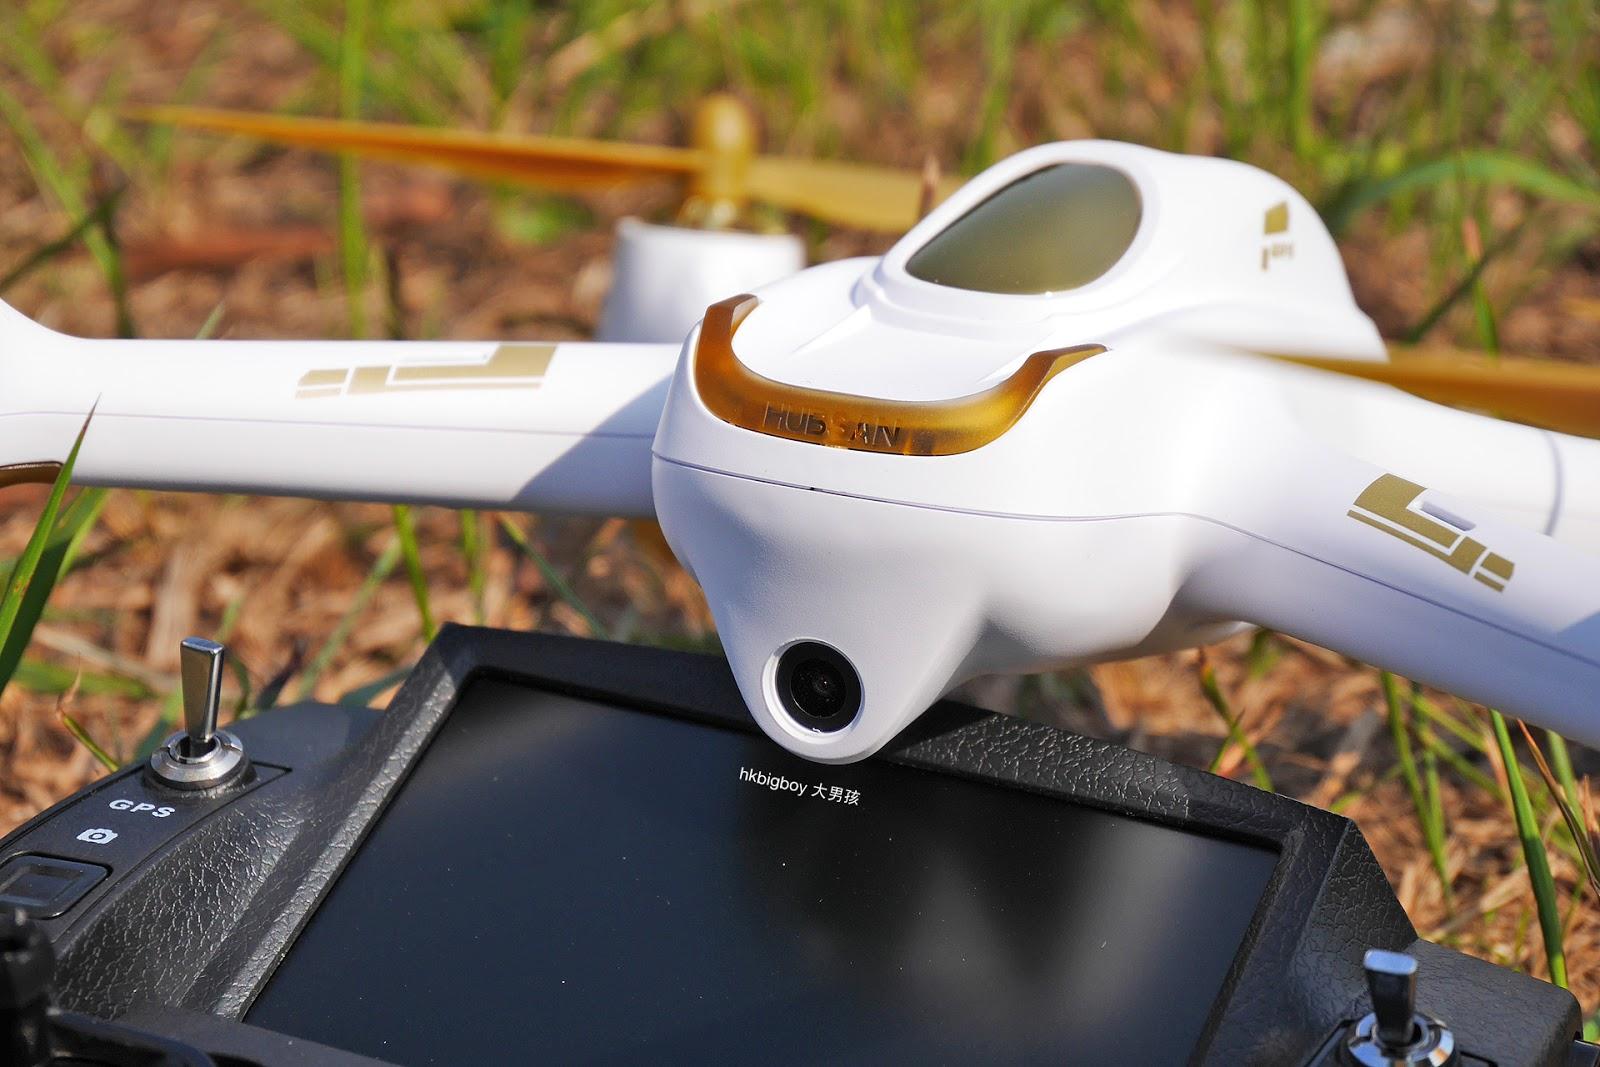 333 Vreti sa vorbim si despre o drona buna? Iata una - Hubsan H501S X4 5.8G